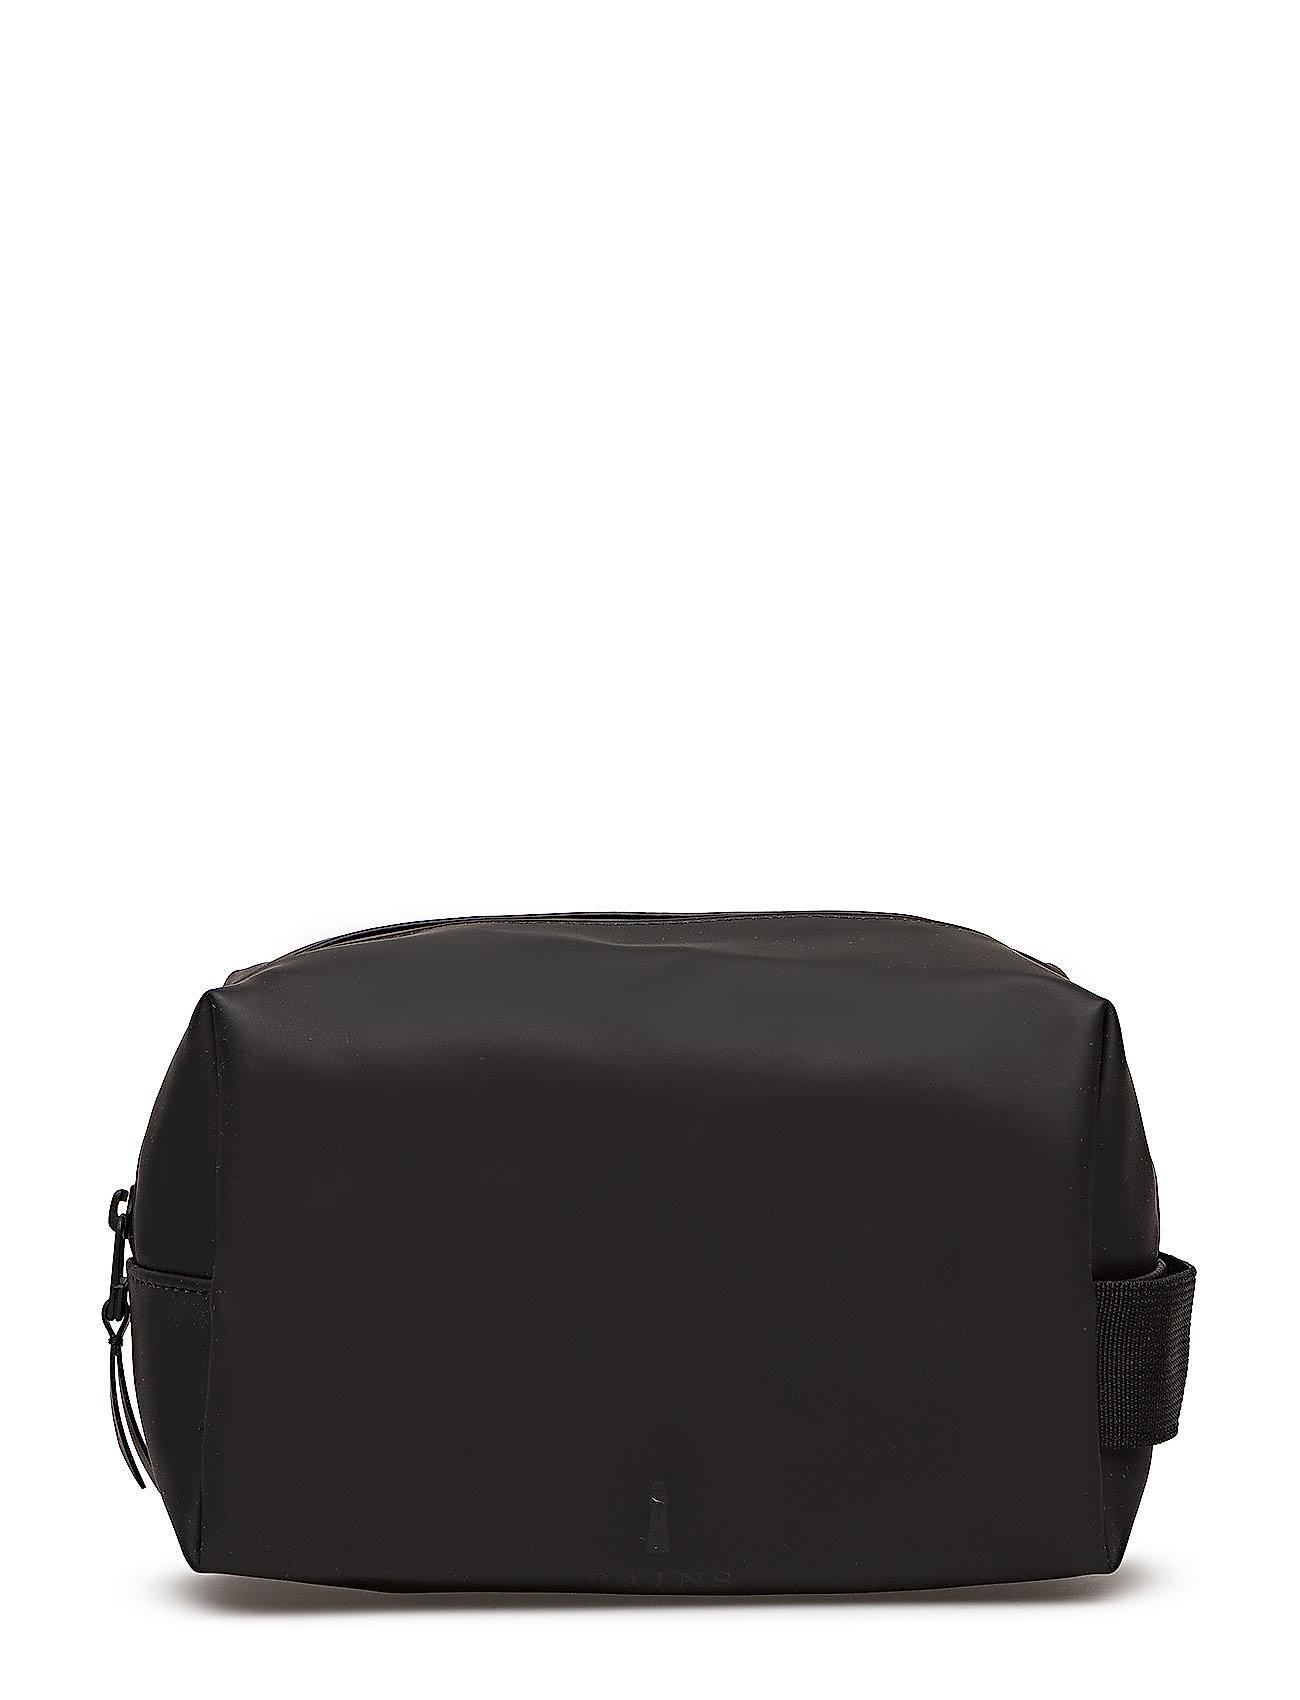 Rains Wash Bag Small - 01 BLACK